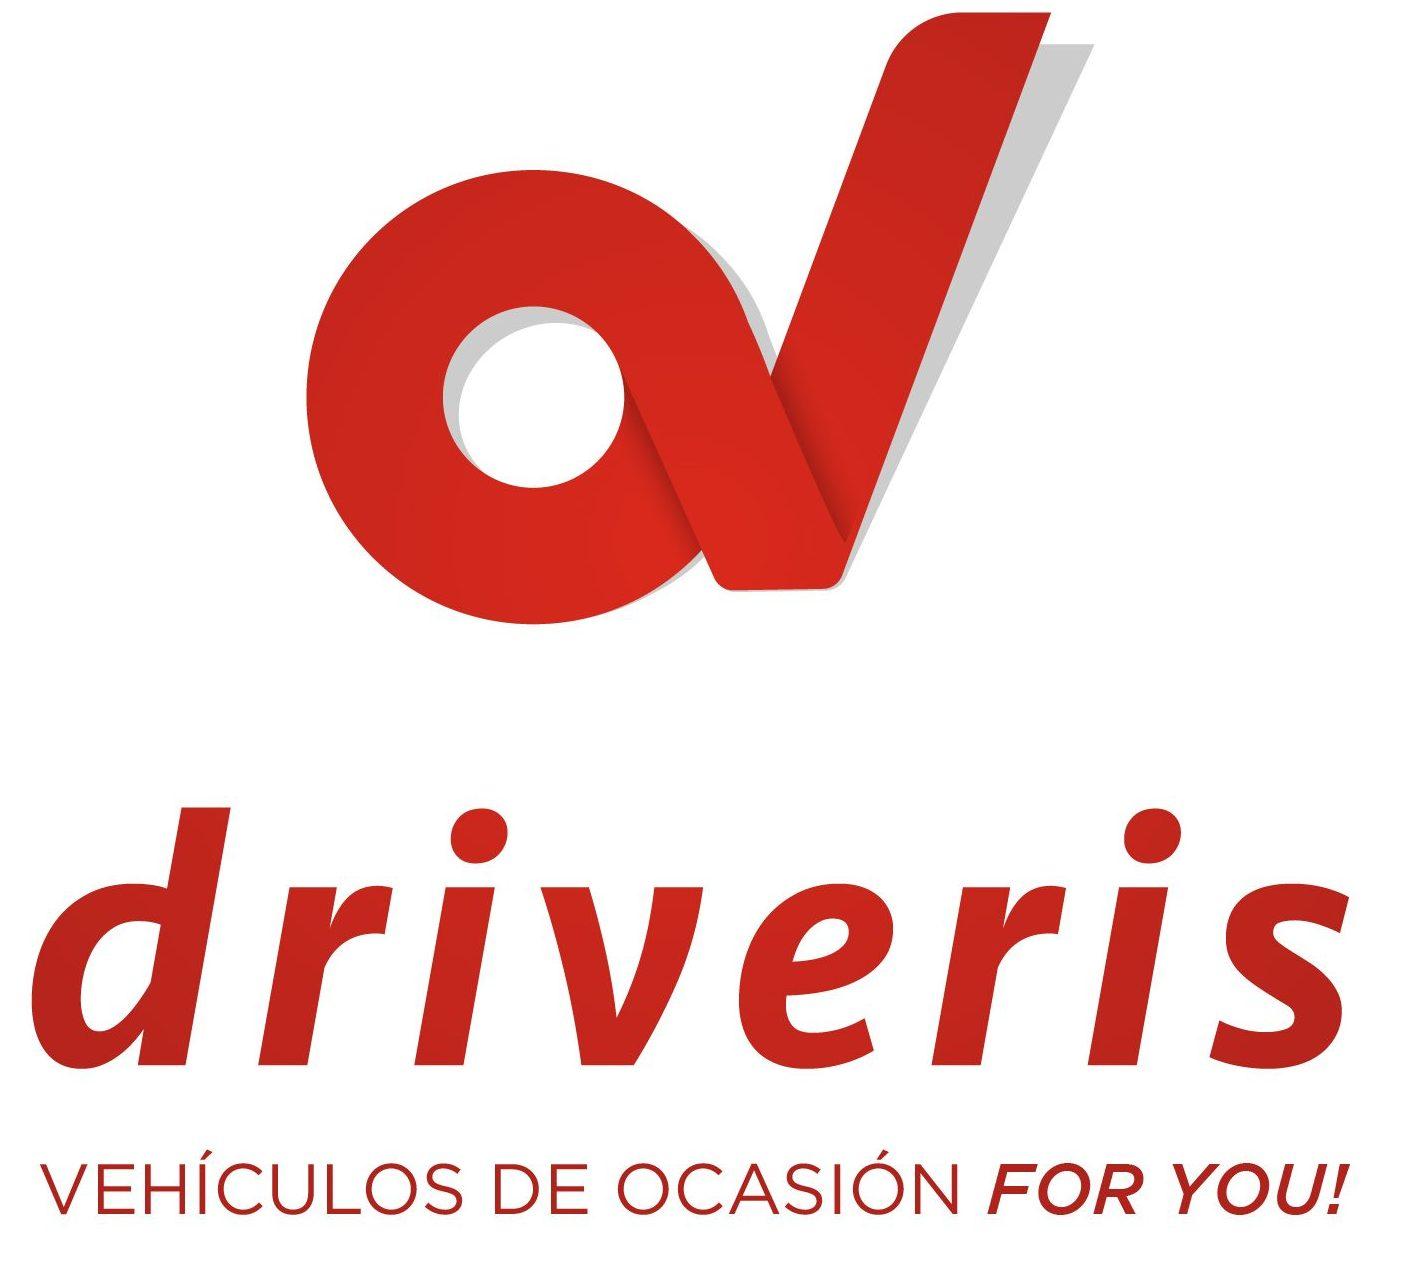 Logotipo - Líder en vehículos de ocasión en Andalucía - Driveris